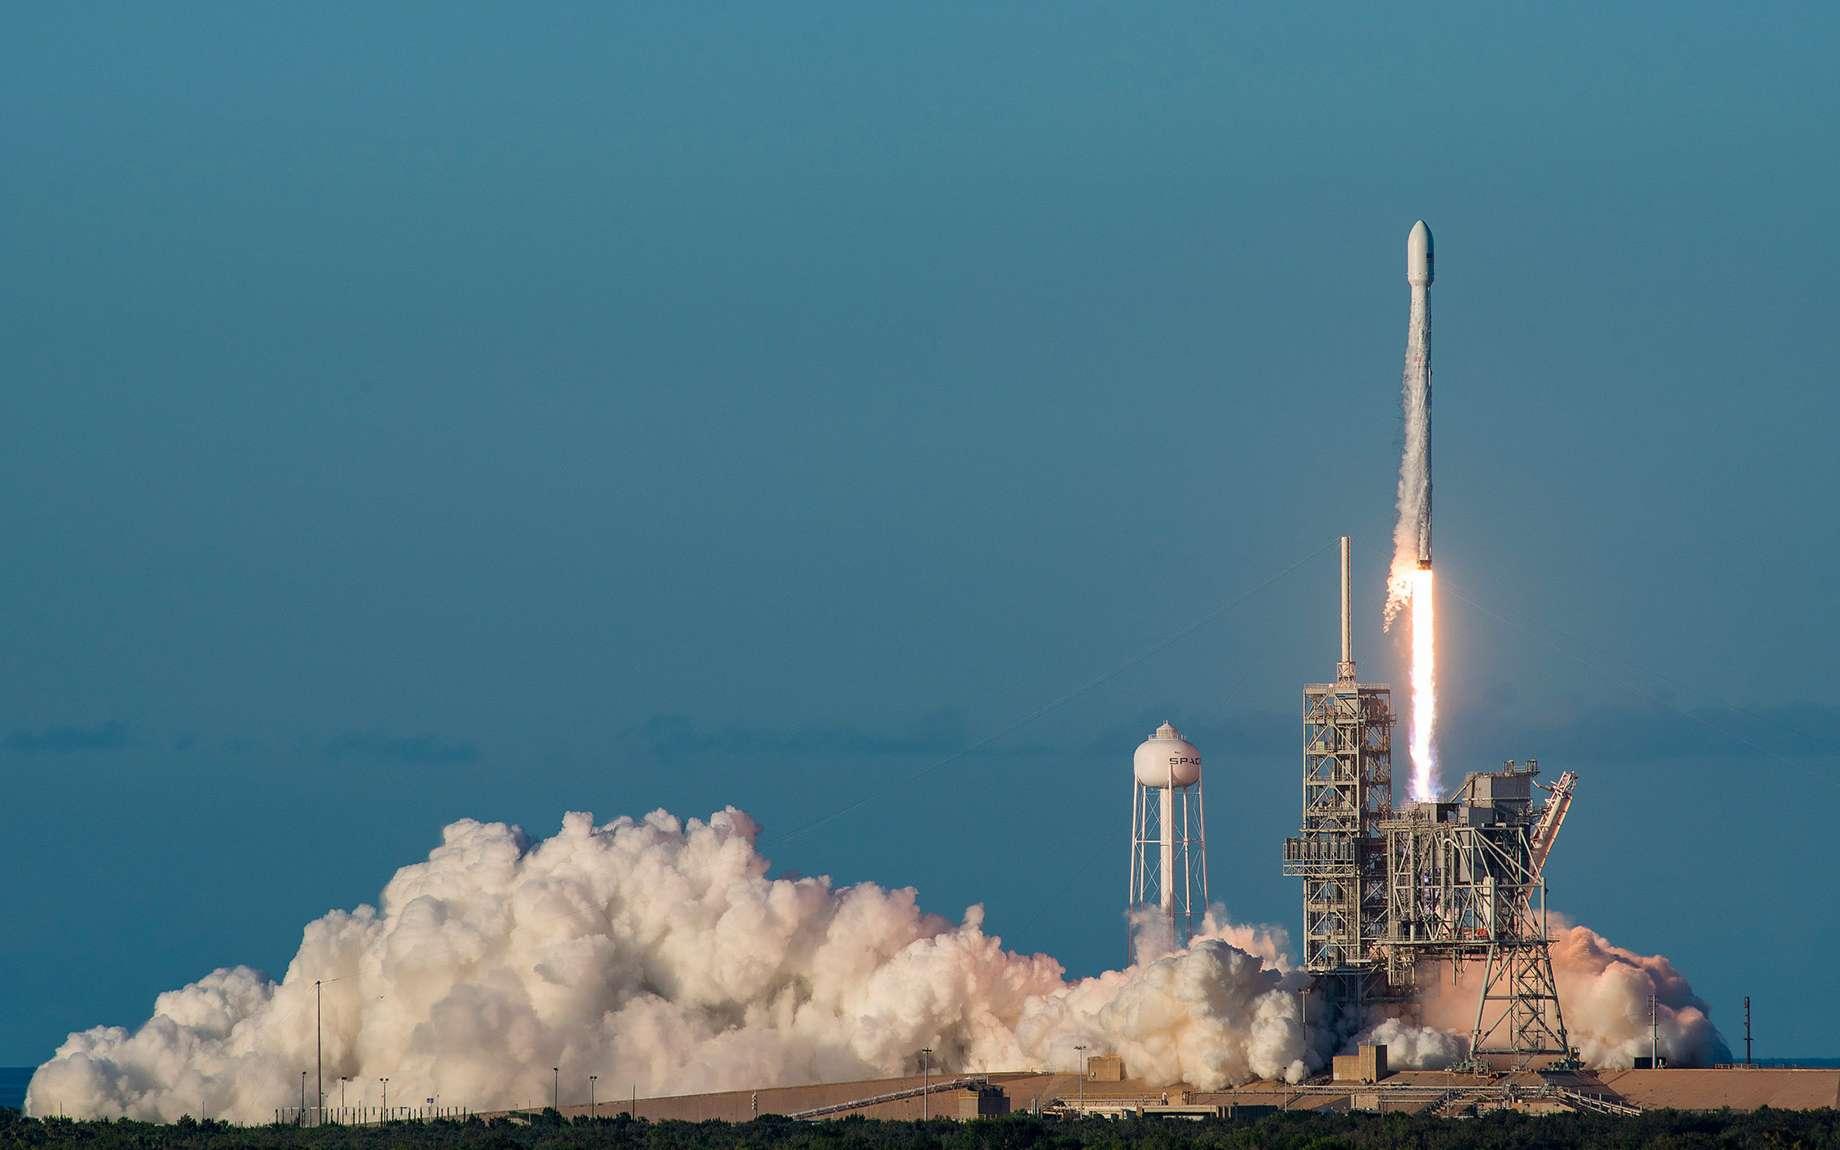 En septembre 2008, SpaceX lance avec succès le Falcon I, première fusée à ergols liquides privée. Moins de 10 ans plus tard, la société d'Elon Musk s'est installée durablement sur le marché international du lancement de satellite. © SpaceX